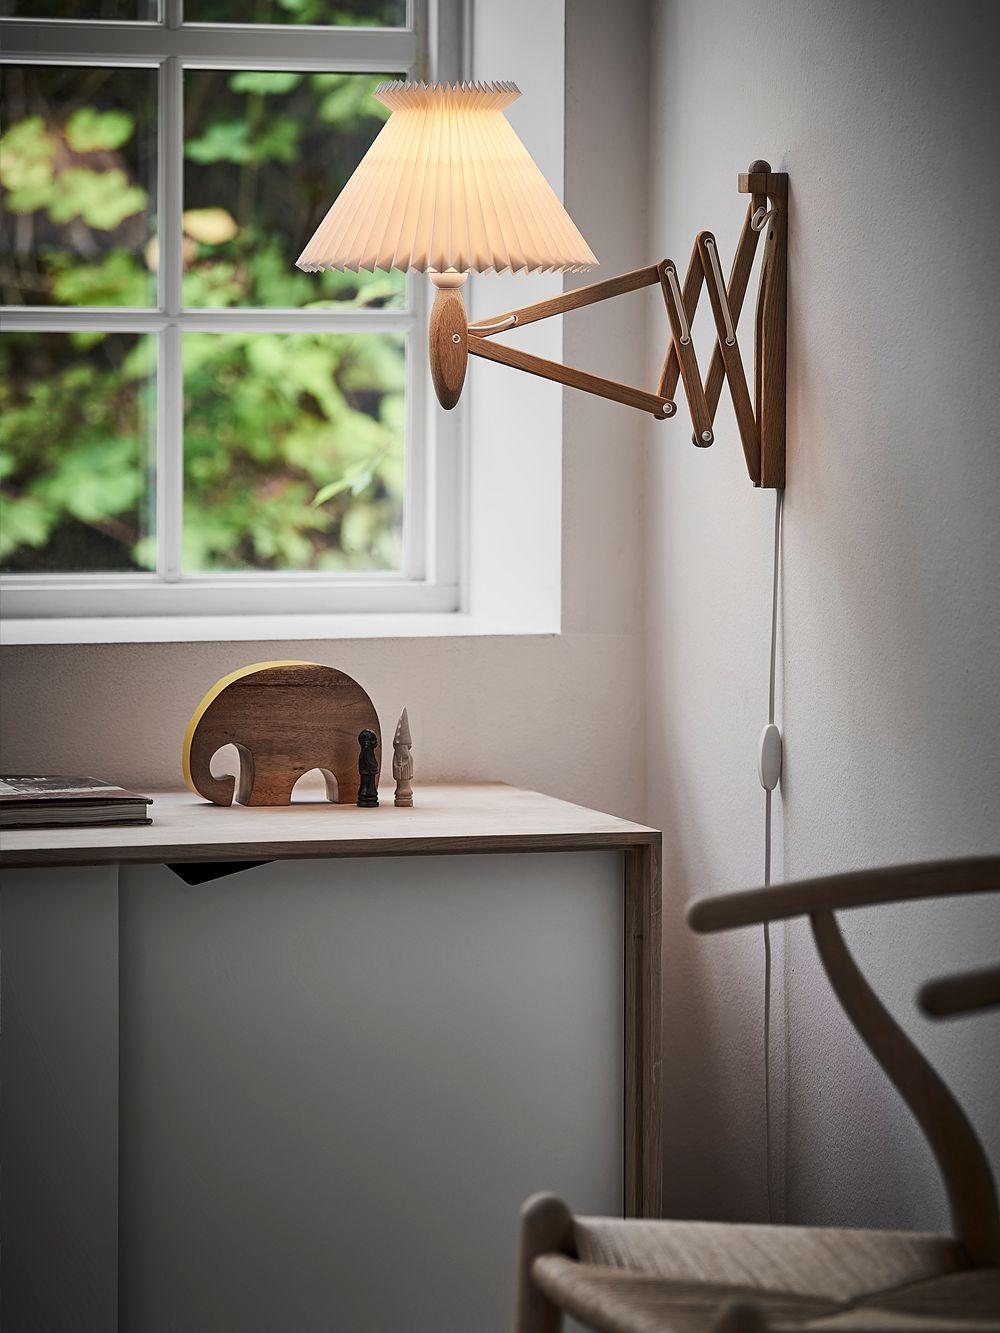 Le Klint Saxe wall lamp